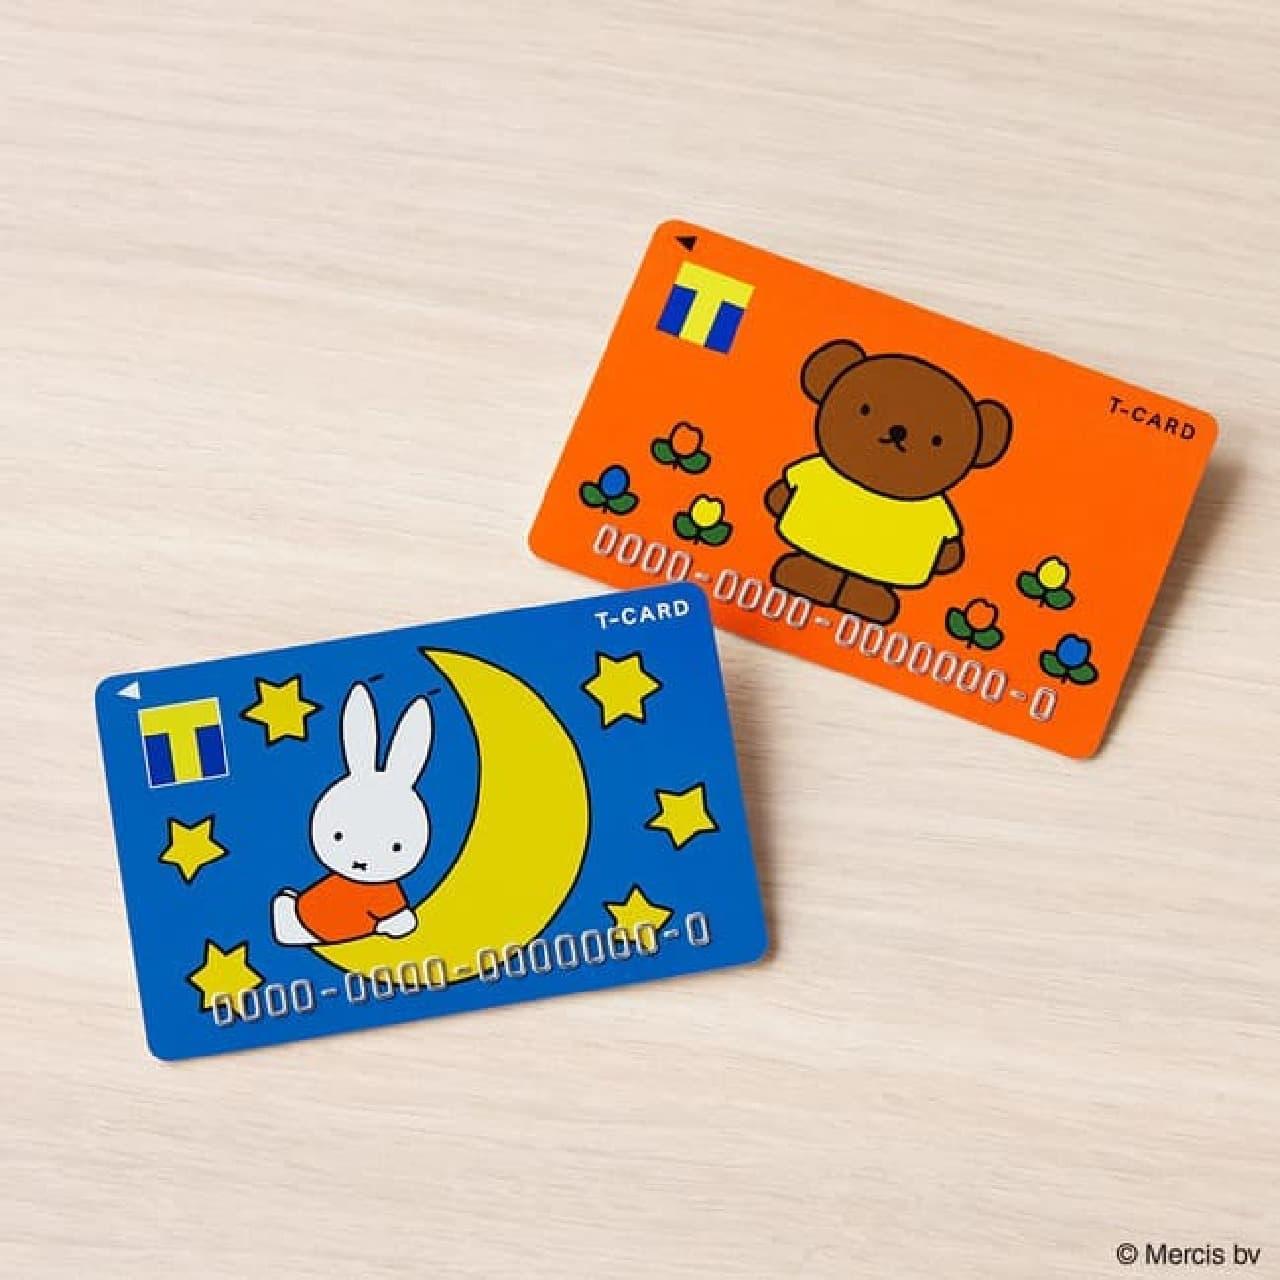 Tカード(ミッフィー)・Tカード(ボリス)登場 -- キュートなICカード収納カードケースも